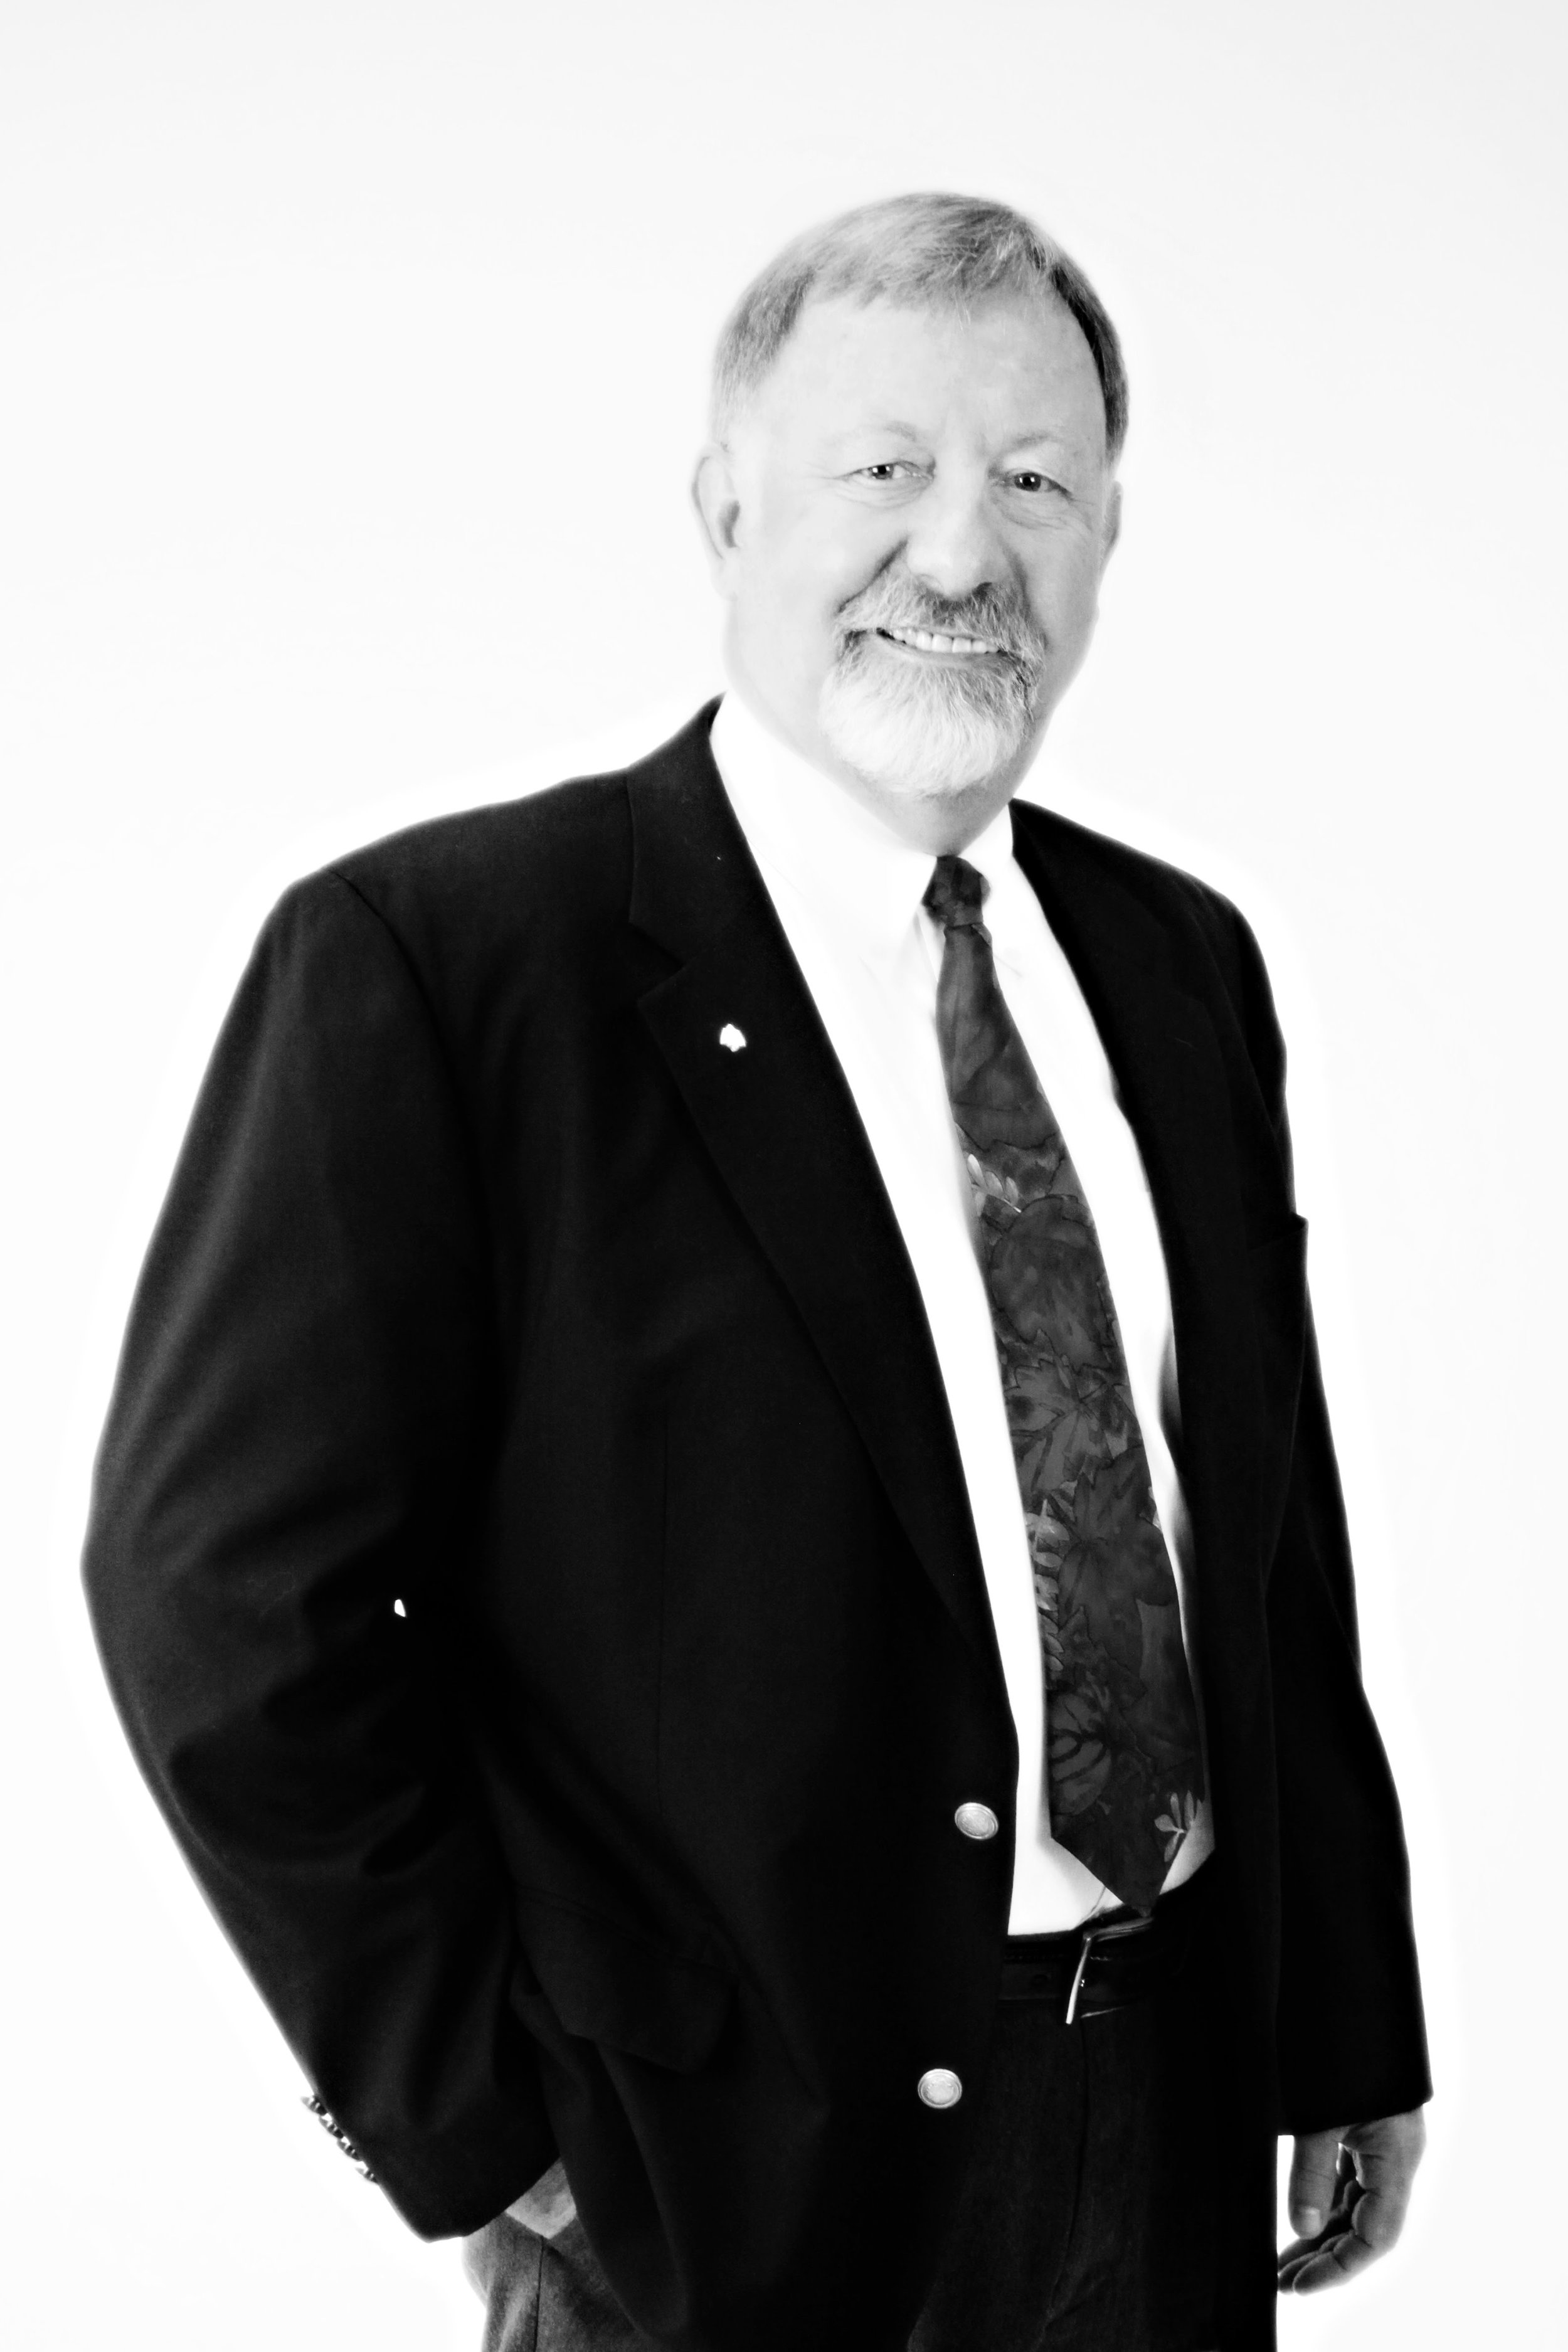 Steven W. Dougherty -